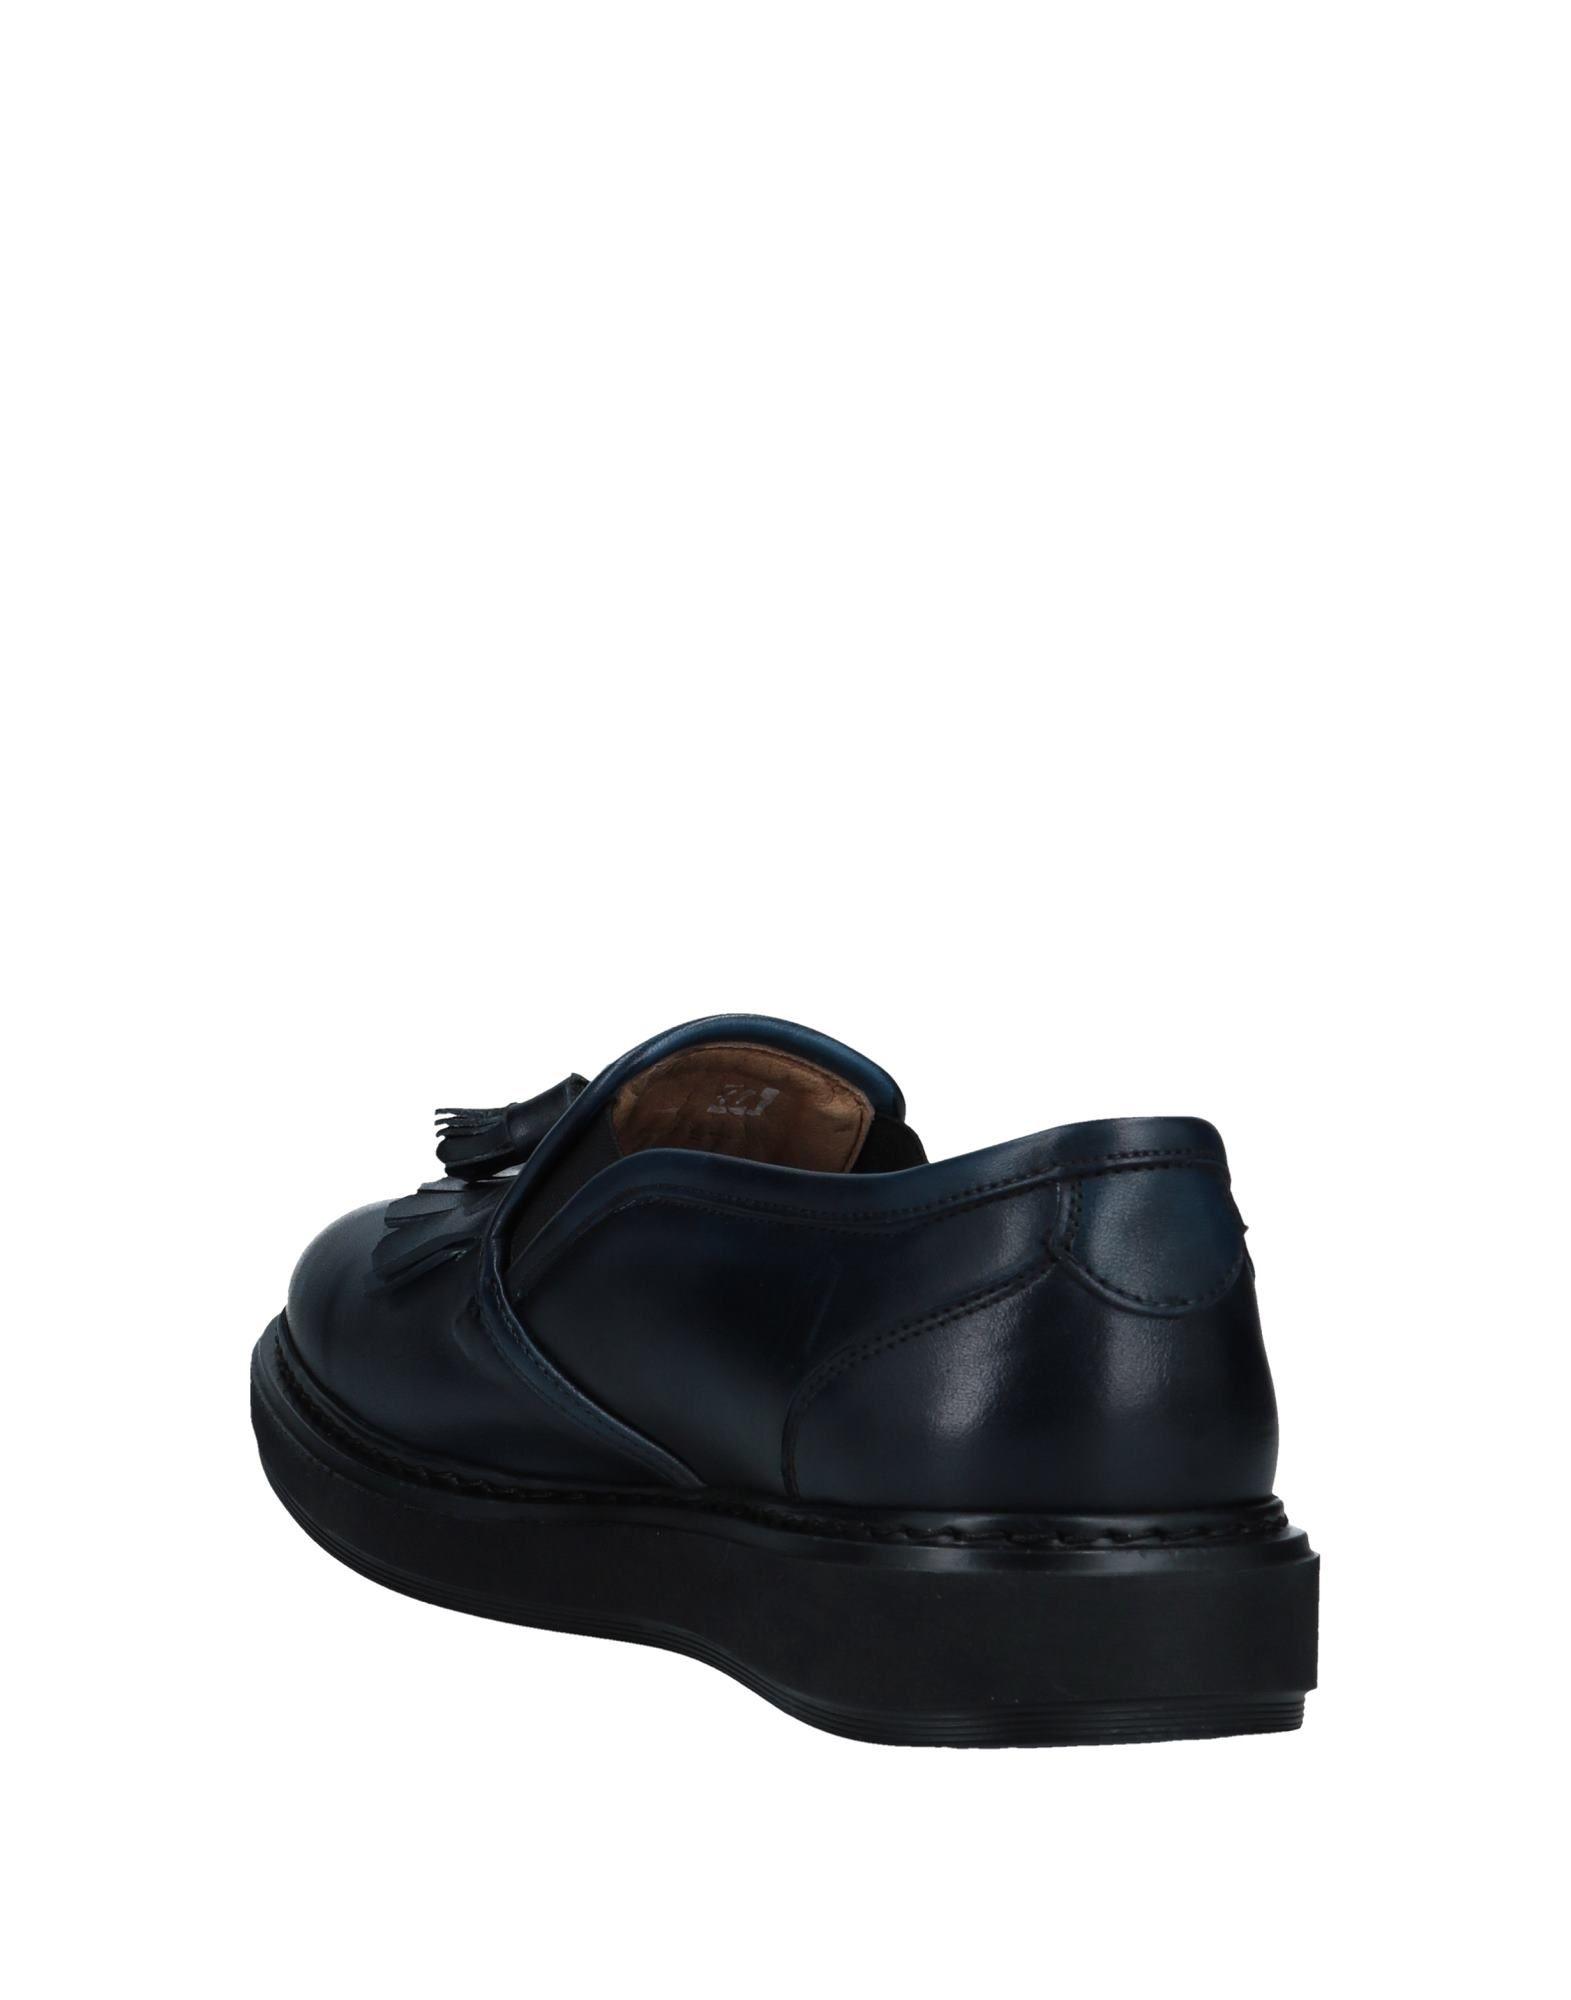 Baldinini Mokassins Herren  11554110IF Schuhe Gute Qualität beliebte Schuhe 11554110IF be0e2d